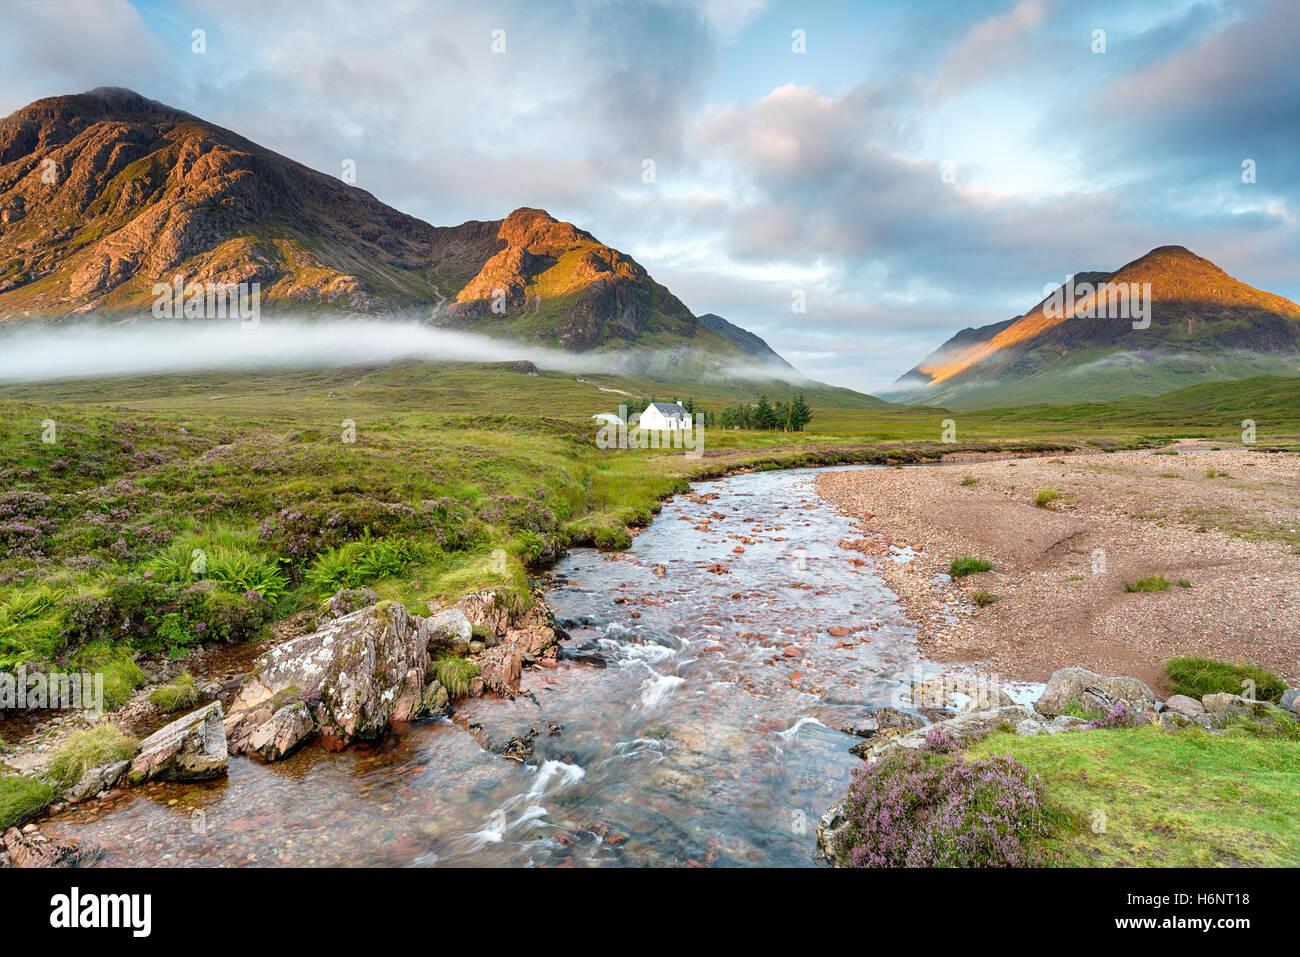 Le lever du soleil sur les sommets de l'éclairage à Glencoe dans les Highlands d'Ecosse Photo Stock